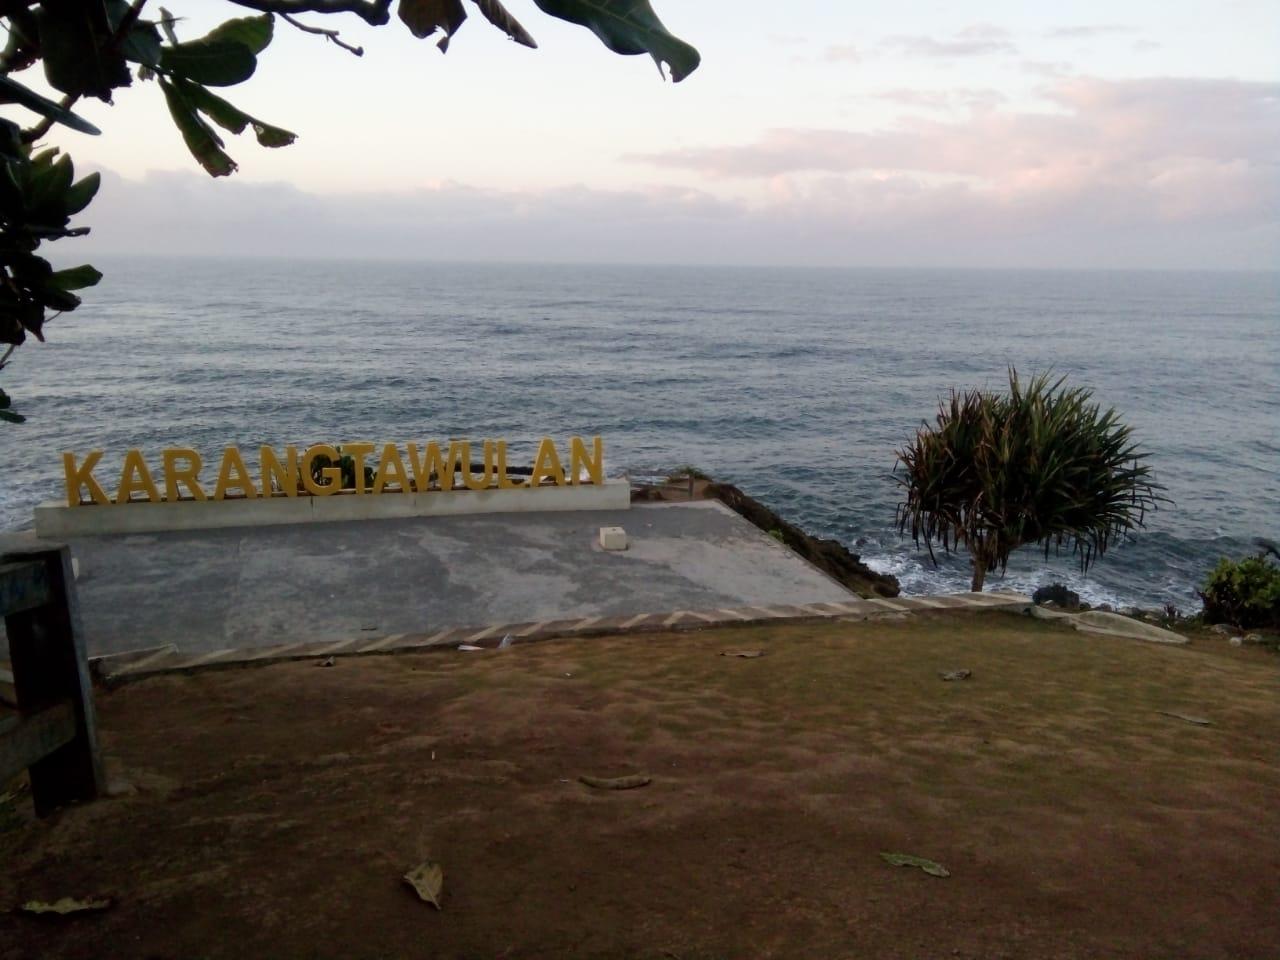 Penataan Pantai Karangtawulan Disesalkan  kabarpriangan.com